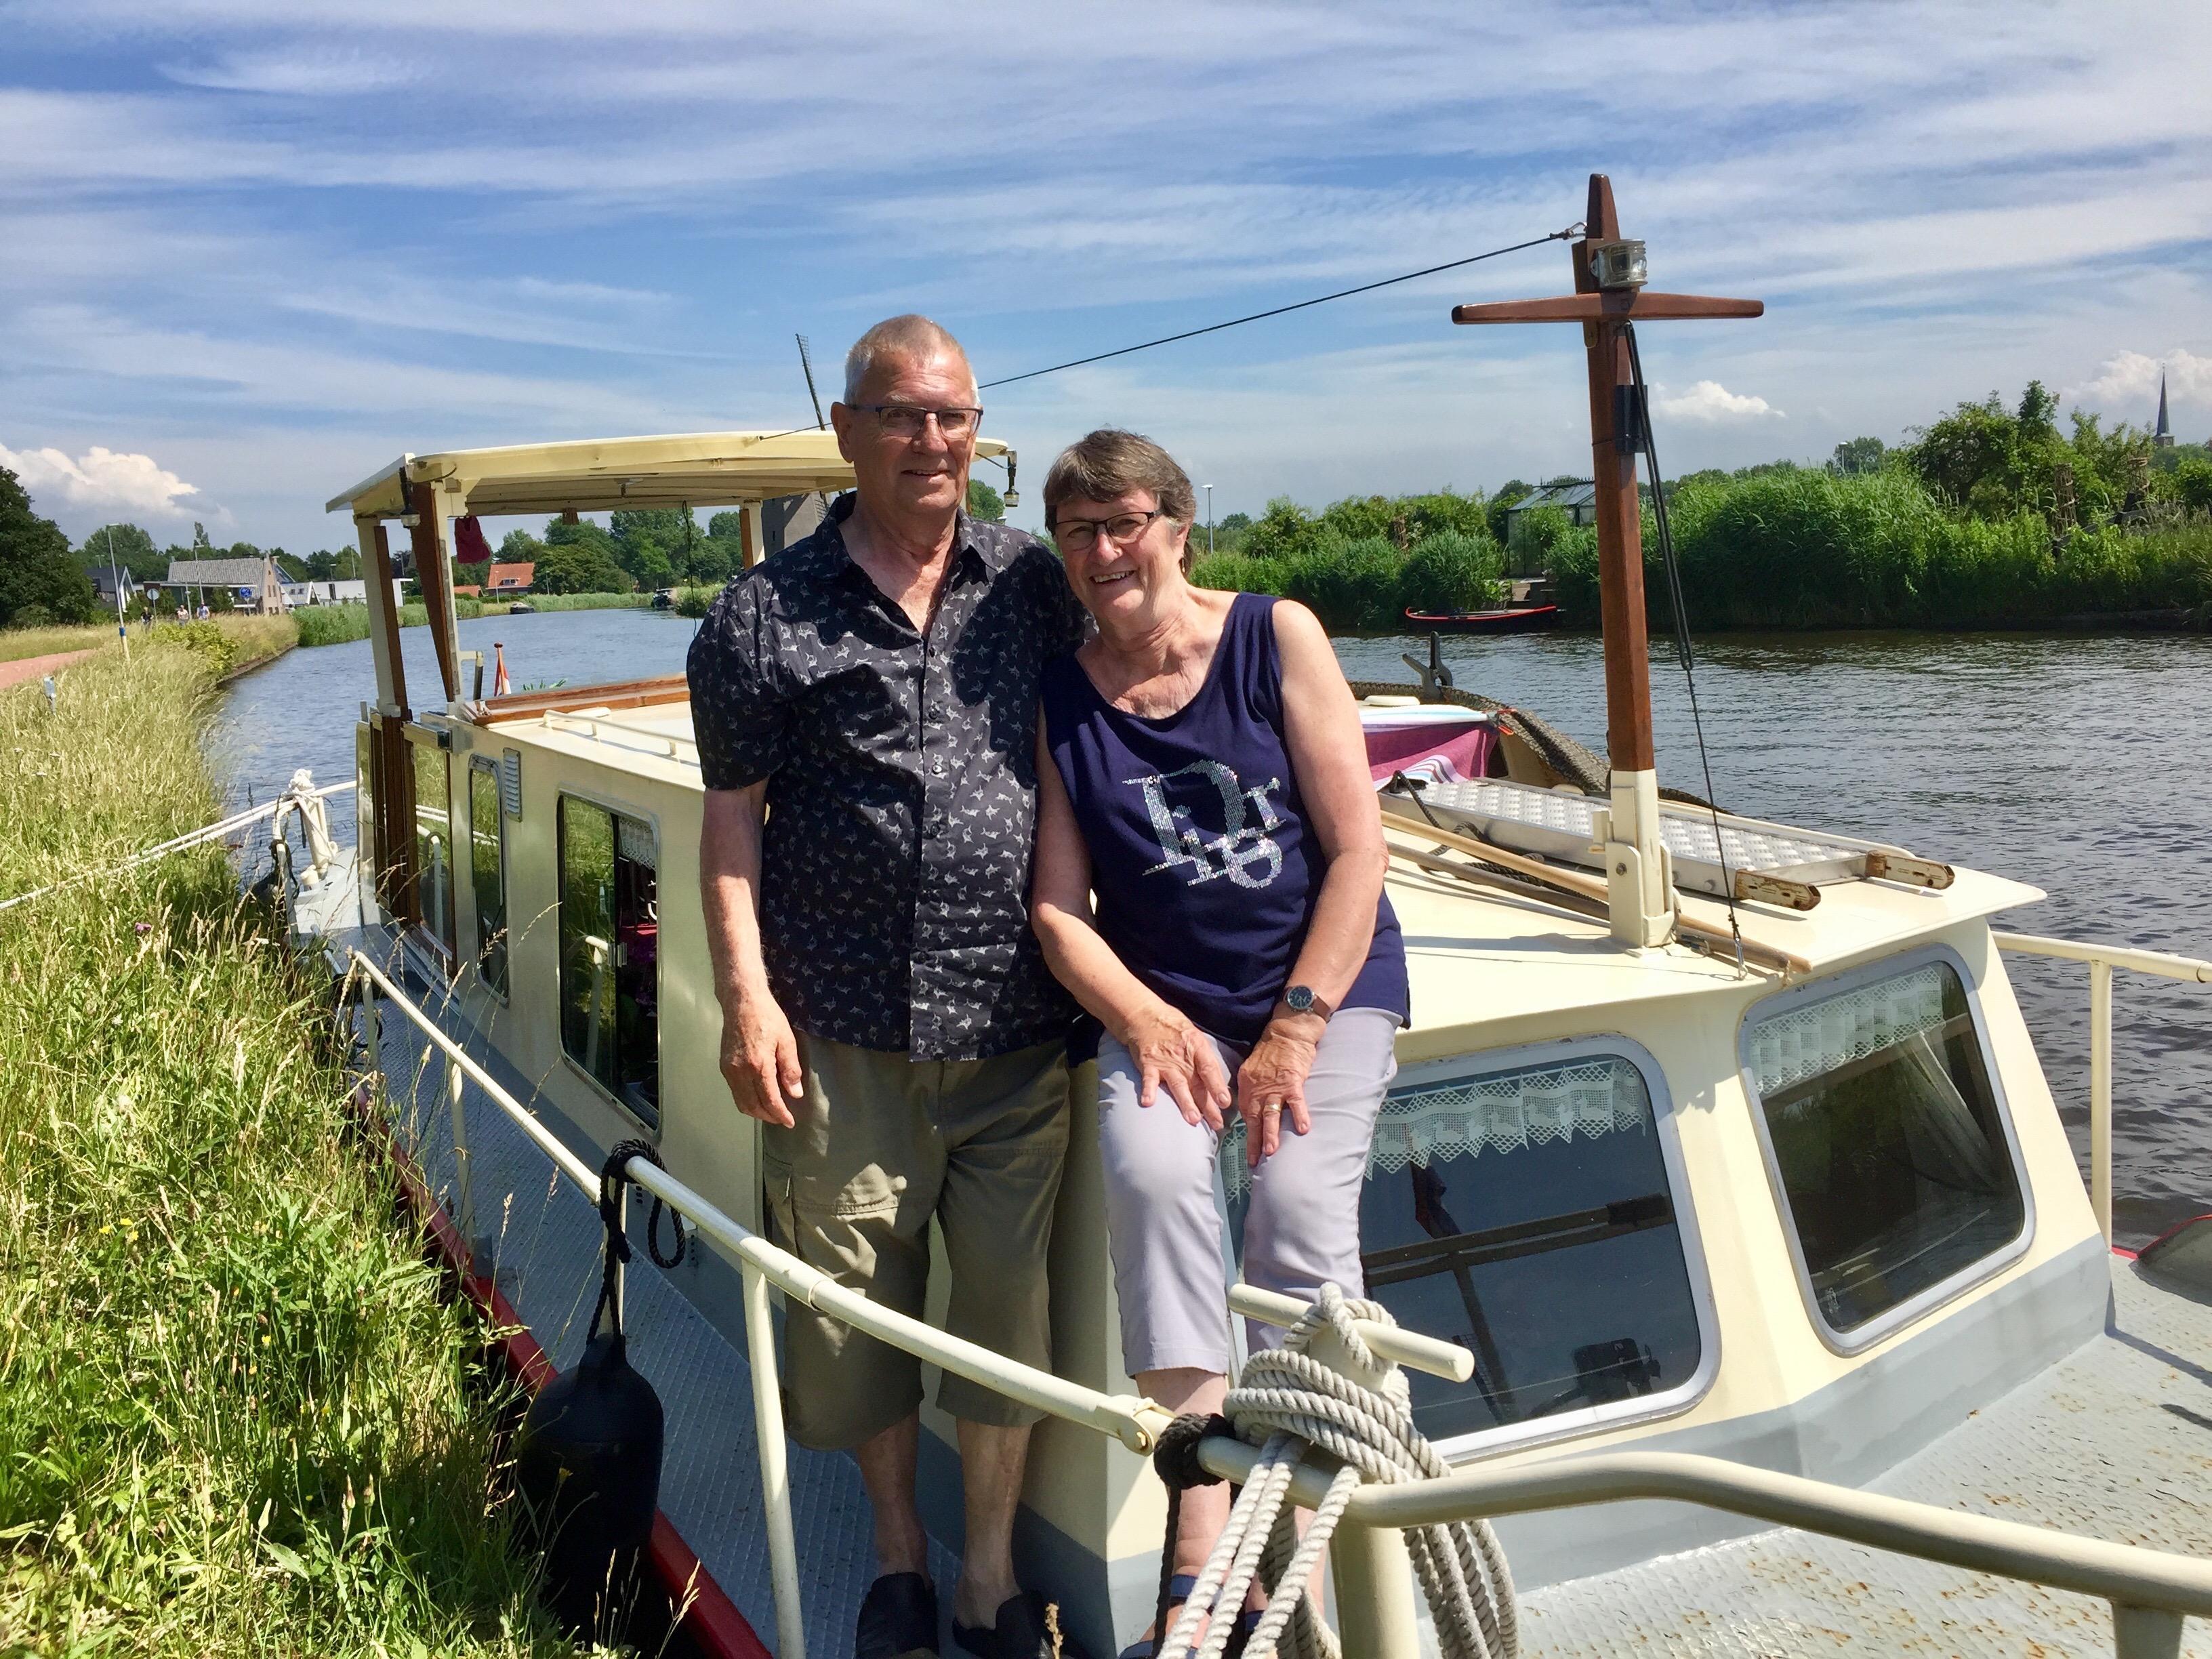 Onderweg: West-Friezen Jan en Trudy Commandeur zijn in Alkmaar met de Rodaka, het varende levenswerk van Jan. Honderd jaar geleden een groenteschuit, nu een familieschip